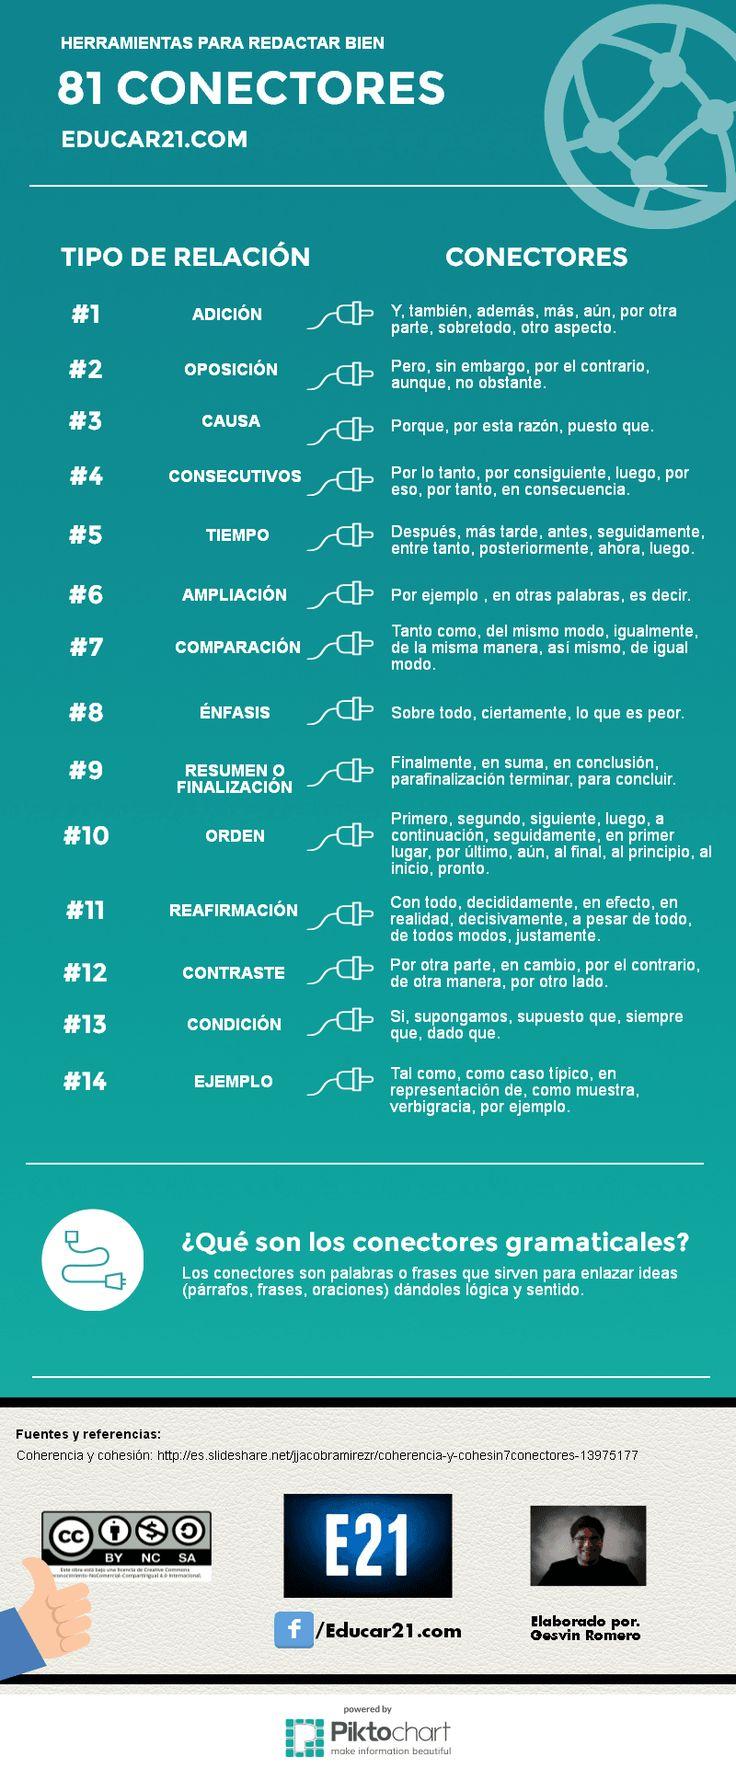 Infografía sobre conectores gramaticales